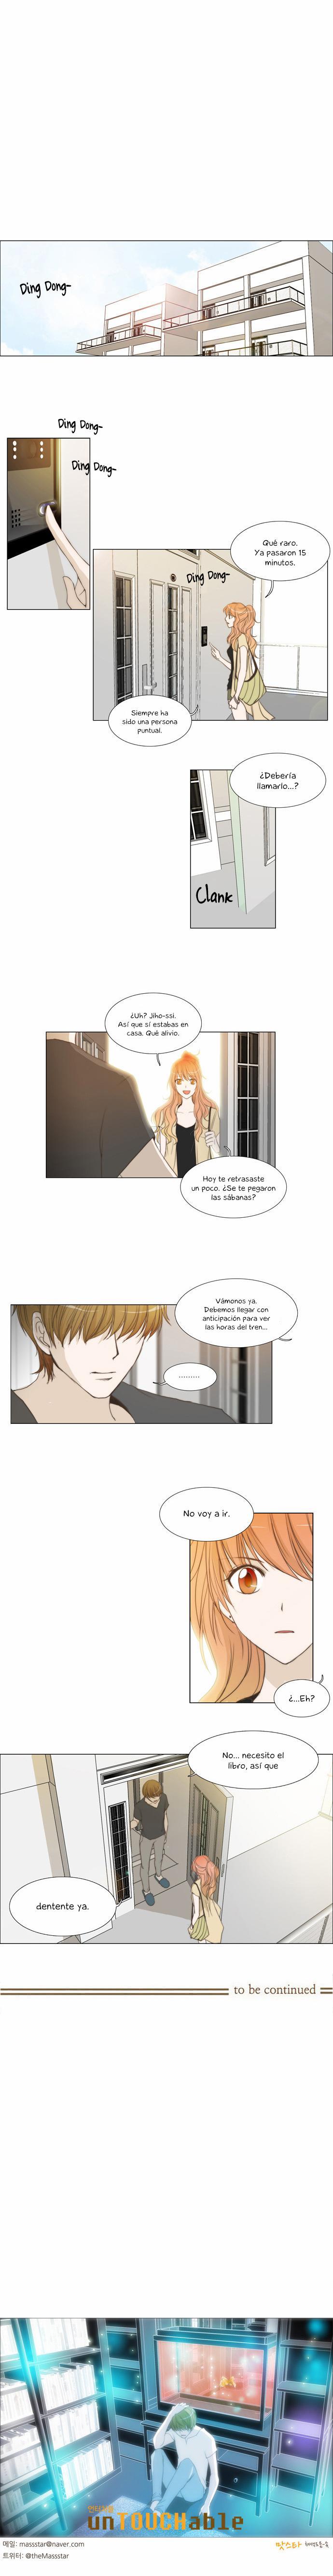 unTOUCHable Capítulo 22 página 1 (Cargar imágenes: 10) - Leer Manga en Español gratis en NineManga.com